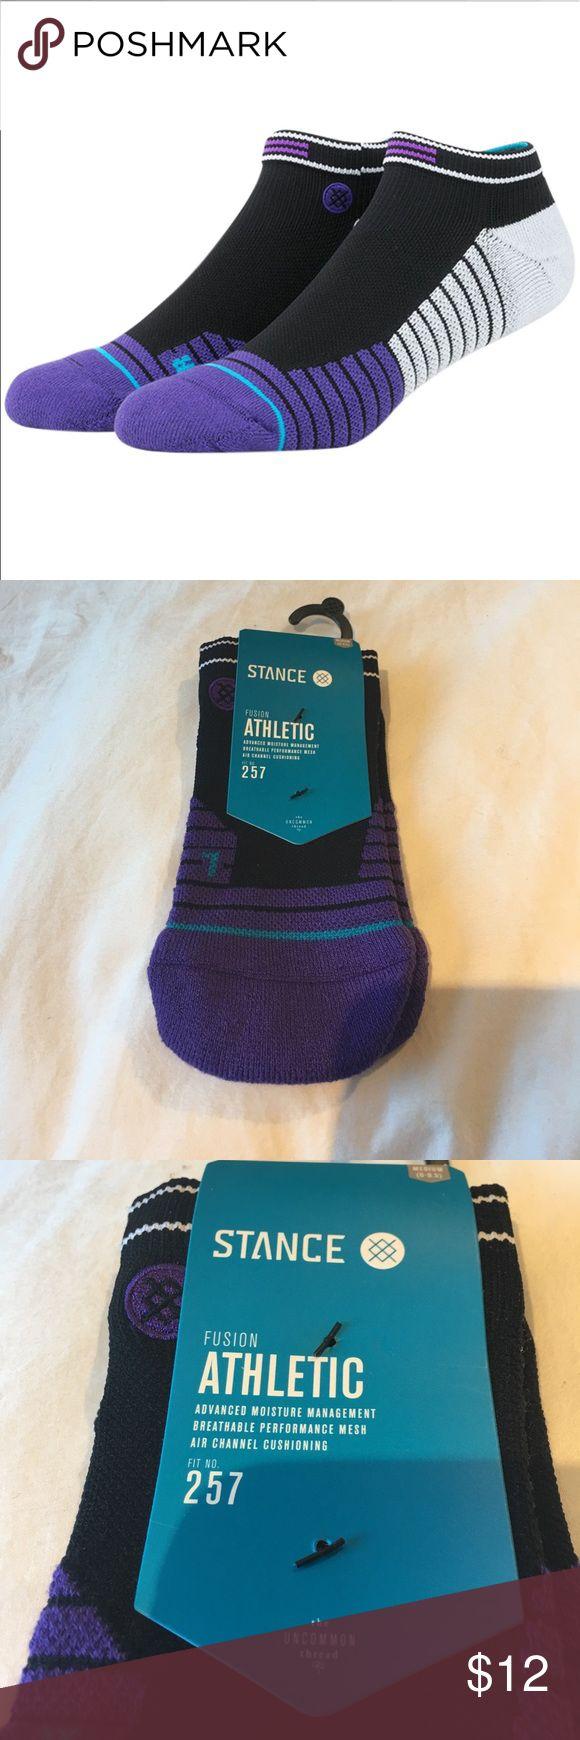 Stance men's athletic socks medium 6-8.5 New stance Fusion Athletic socks . Men's med 6-8.5 fit number 257 Stance Underwear & Socks Athletic Socks